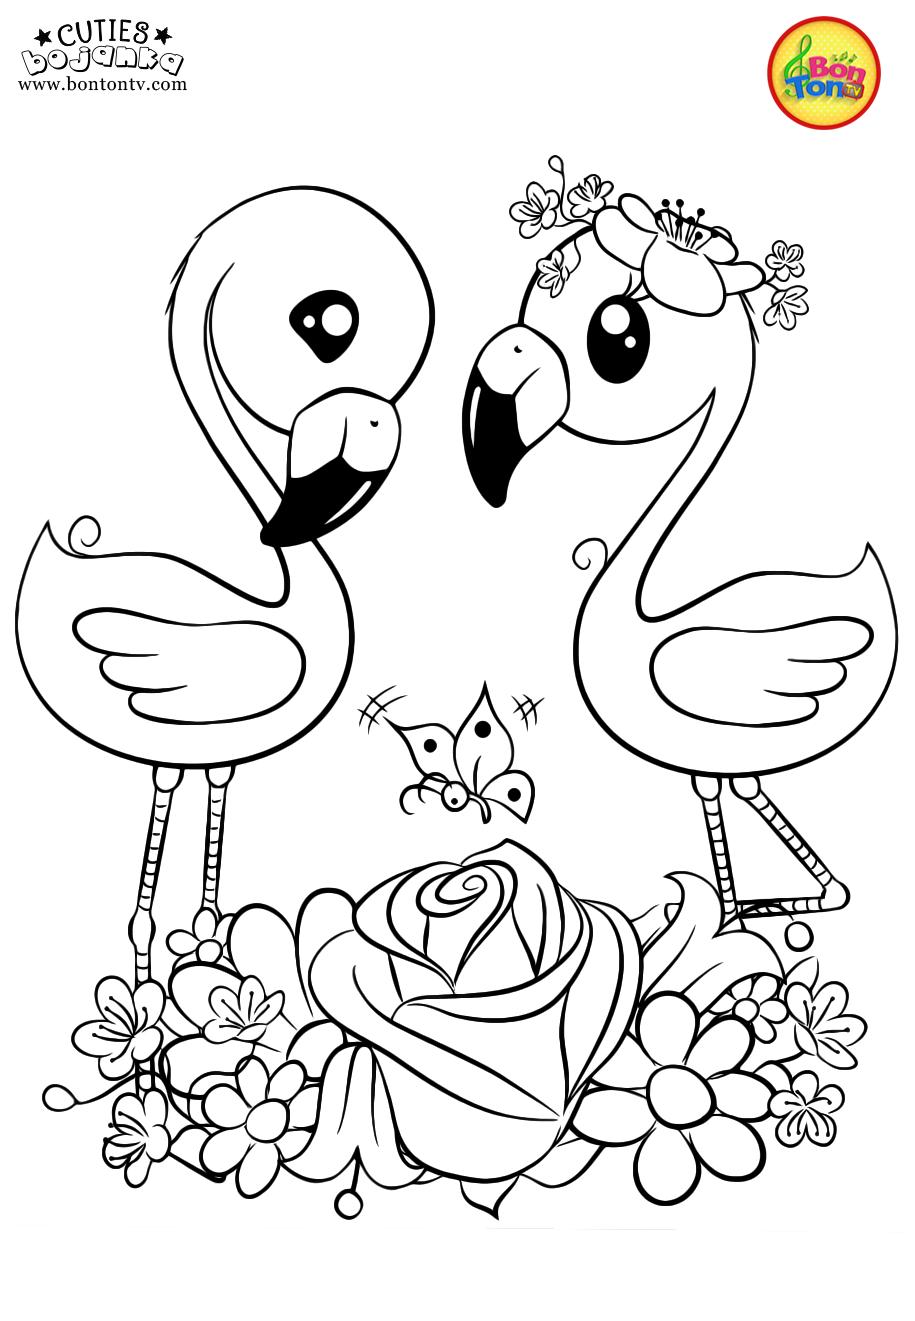 Kleurplaten Disney Cuties.Cuties Coloring Pages For Kids Free Preschool Printables